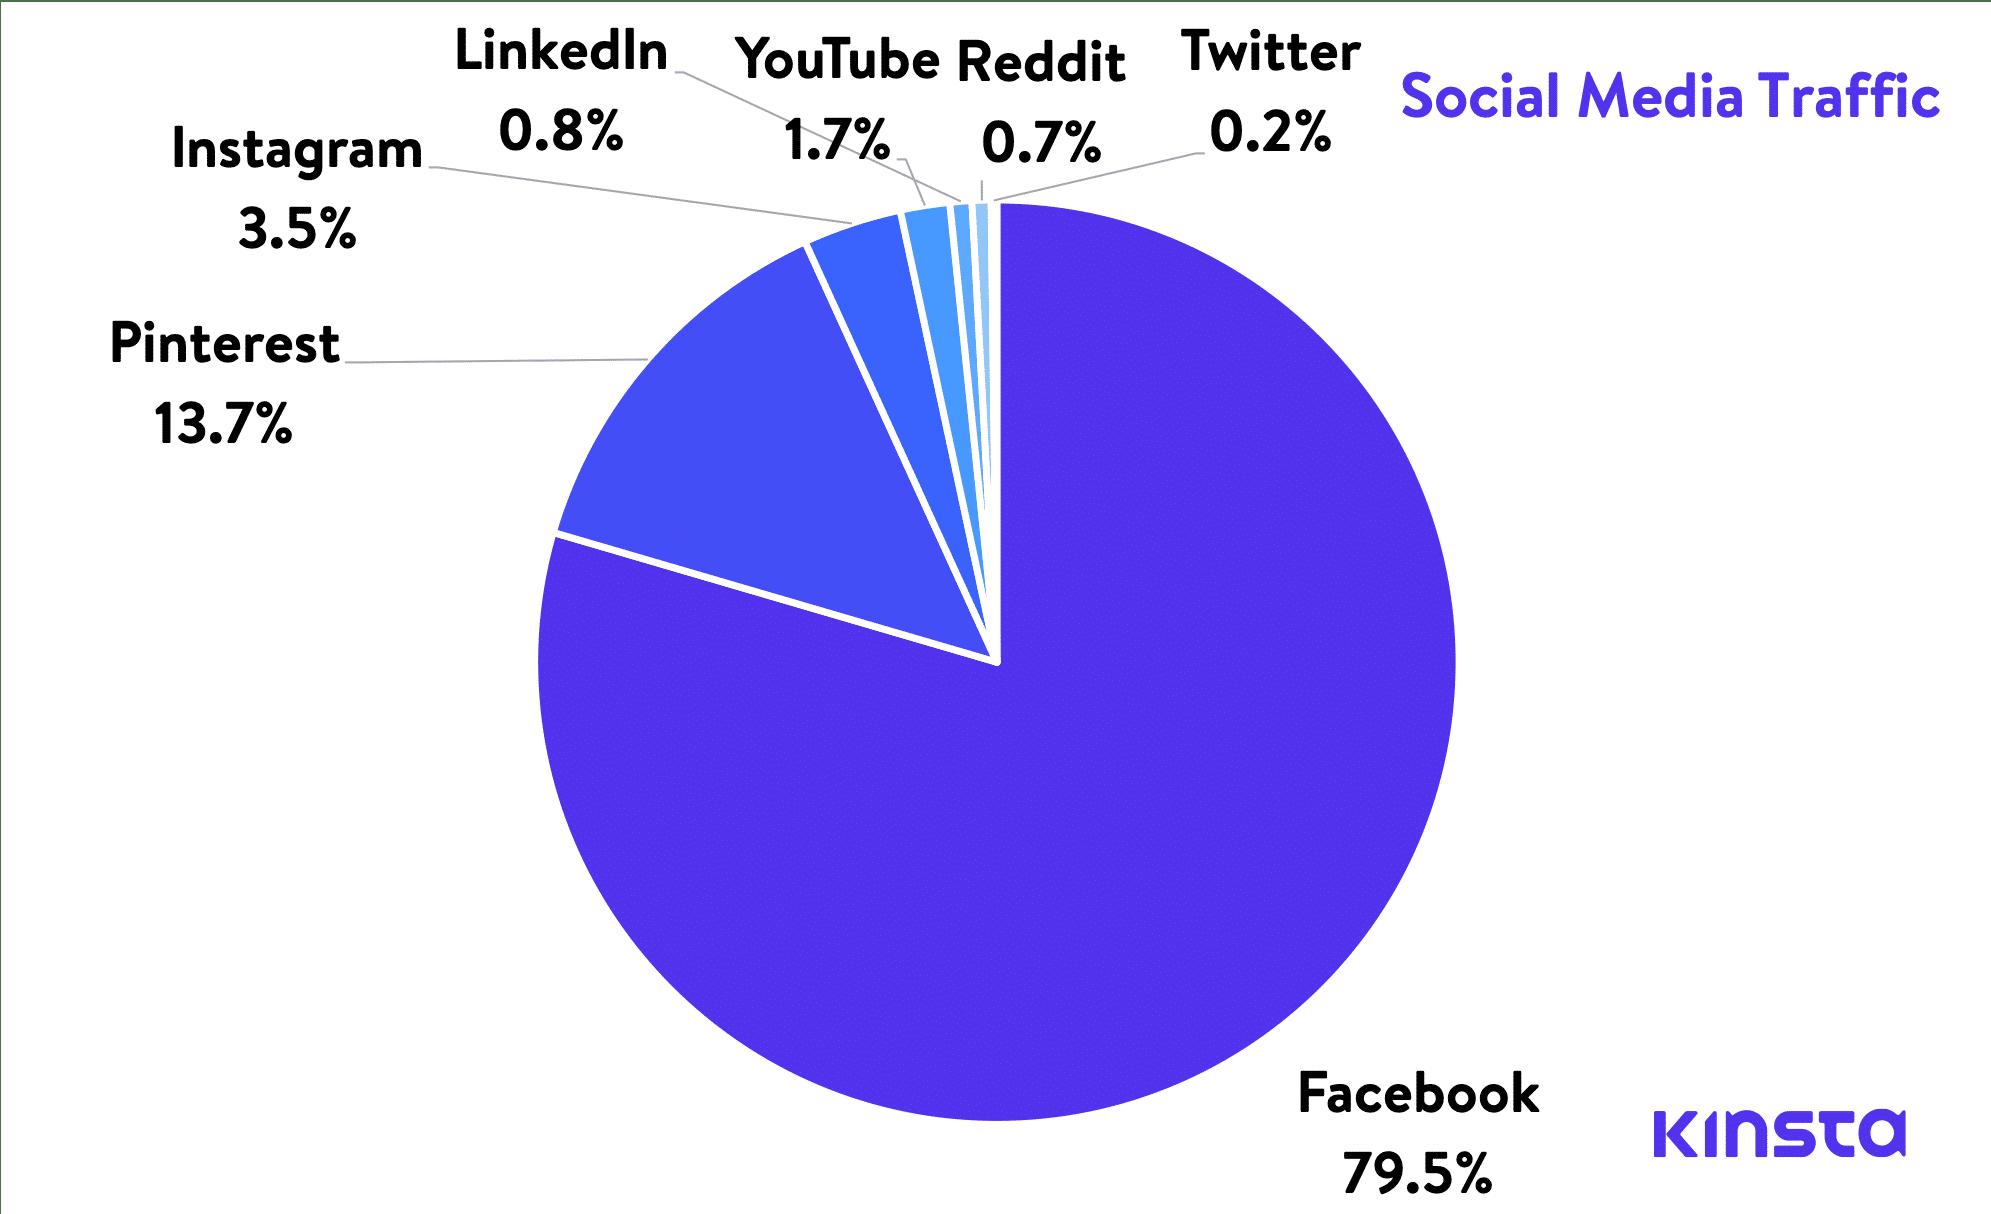 Trafic sur les médias sociaux